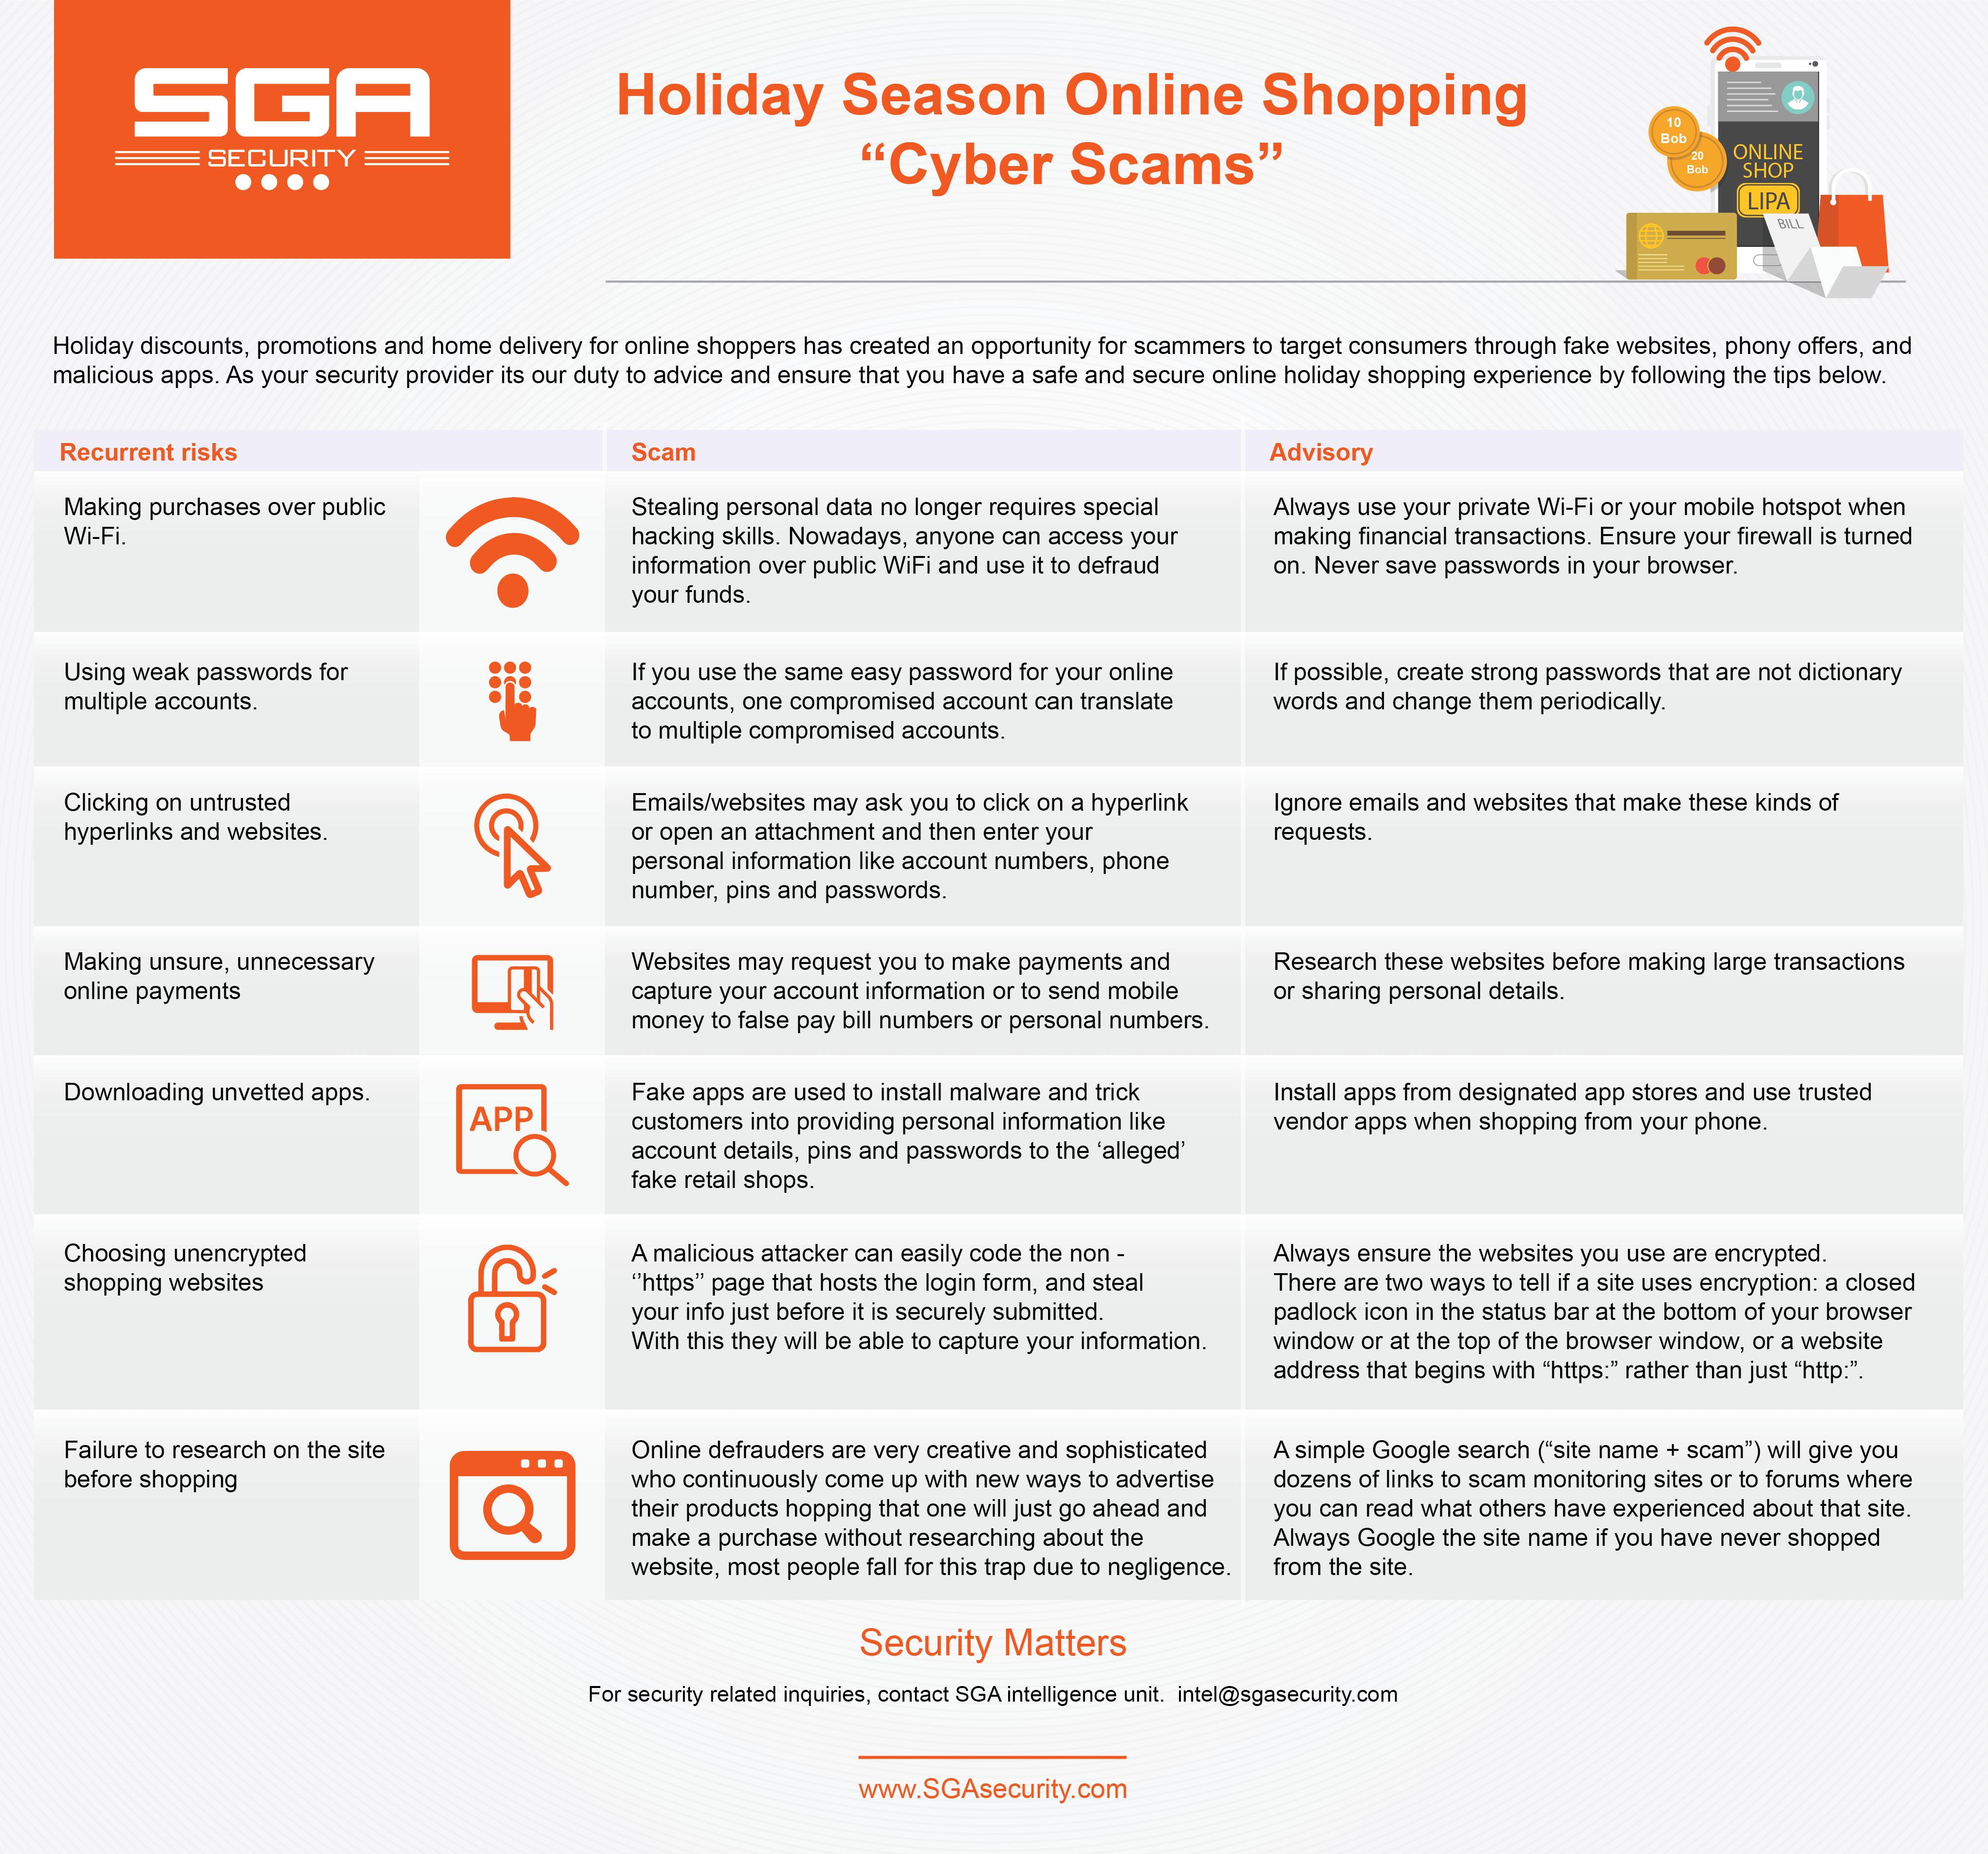 Holiday Season Online Shopping Cyber Scams Sga Security